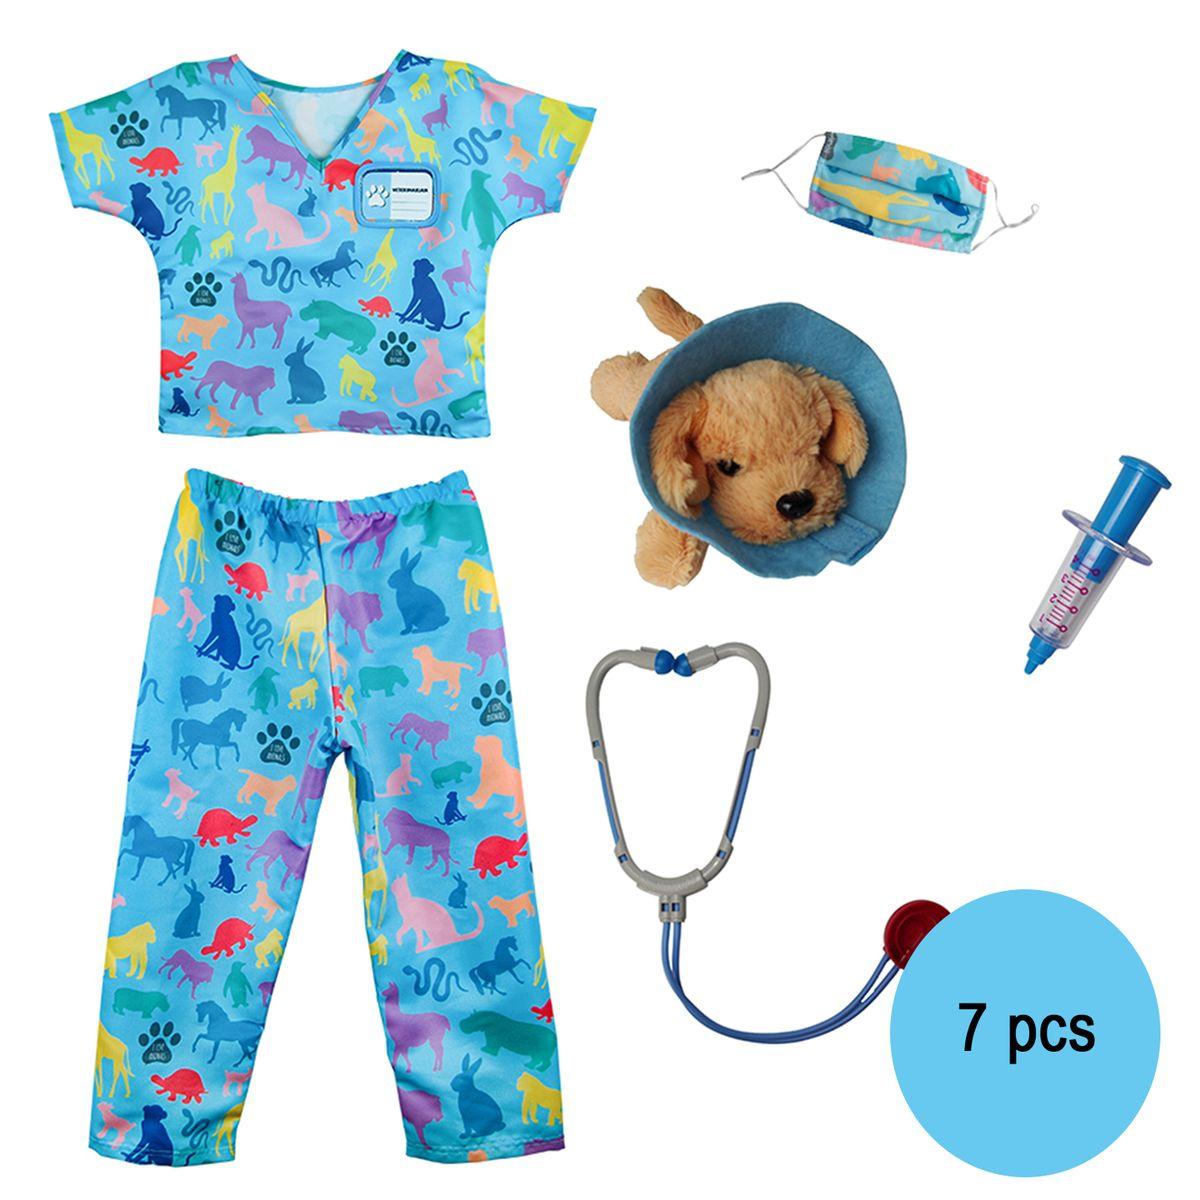 Tierarzt Kostüm für Kinder Doktor Tierfreund 5-6 Jahre 7 Teile inkl. Zubehör Rollenspiel Tierärztin Tierhelfer Fasching Karneval